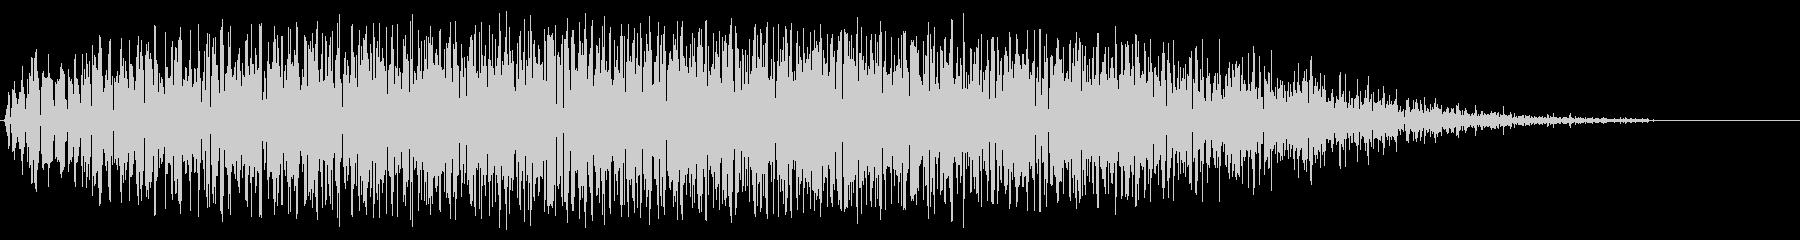 コミカル飛行音(長め)の未再生の波形